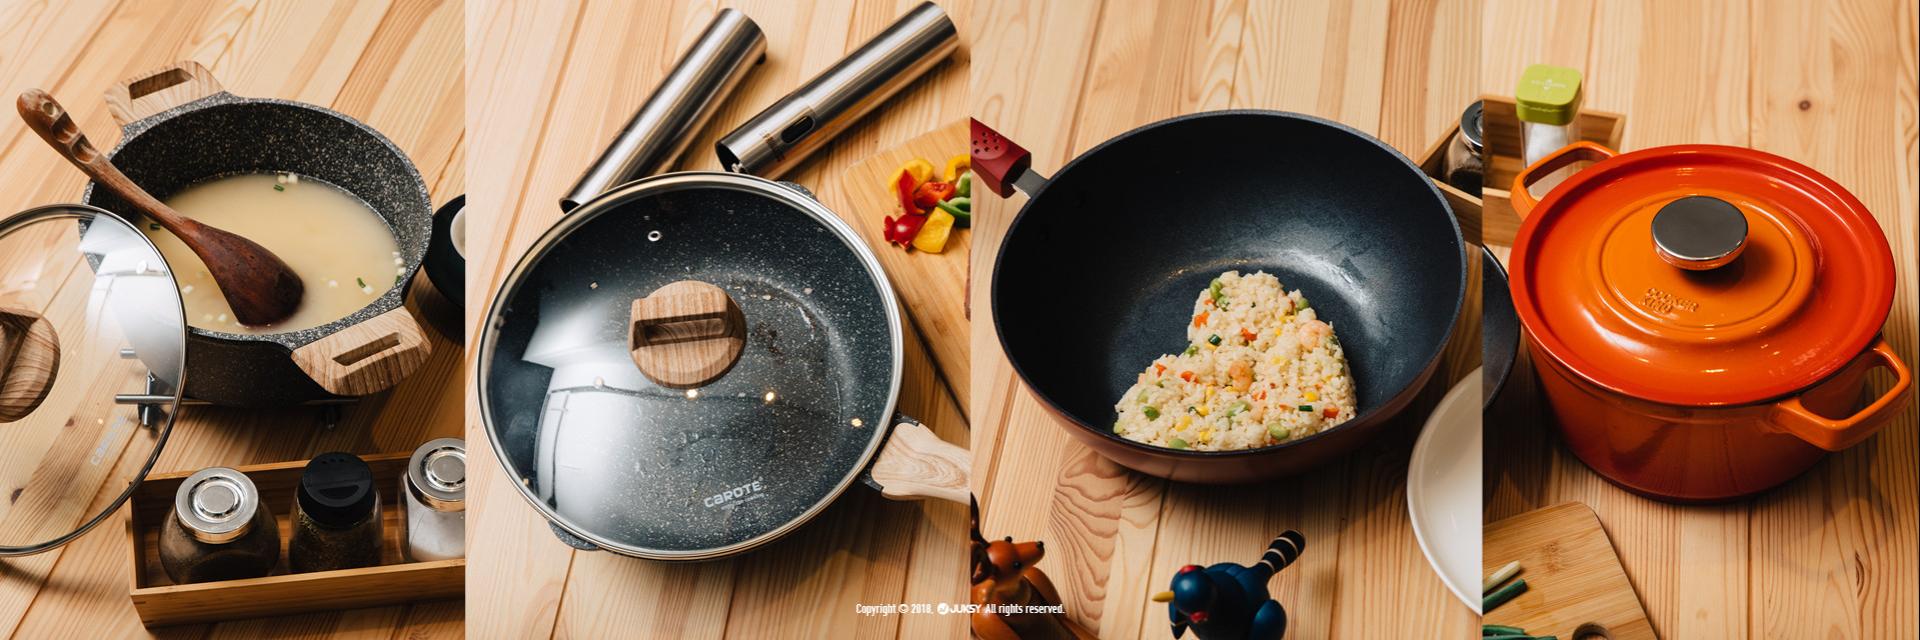 男人,千萬不可以只剩一張嘴,不只會說更要會「做」, 藏在料理中的 4 種性格,你屬於哪一種?